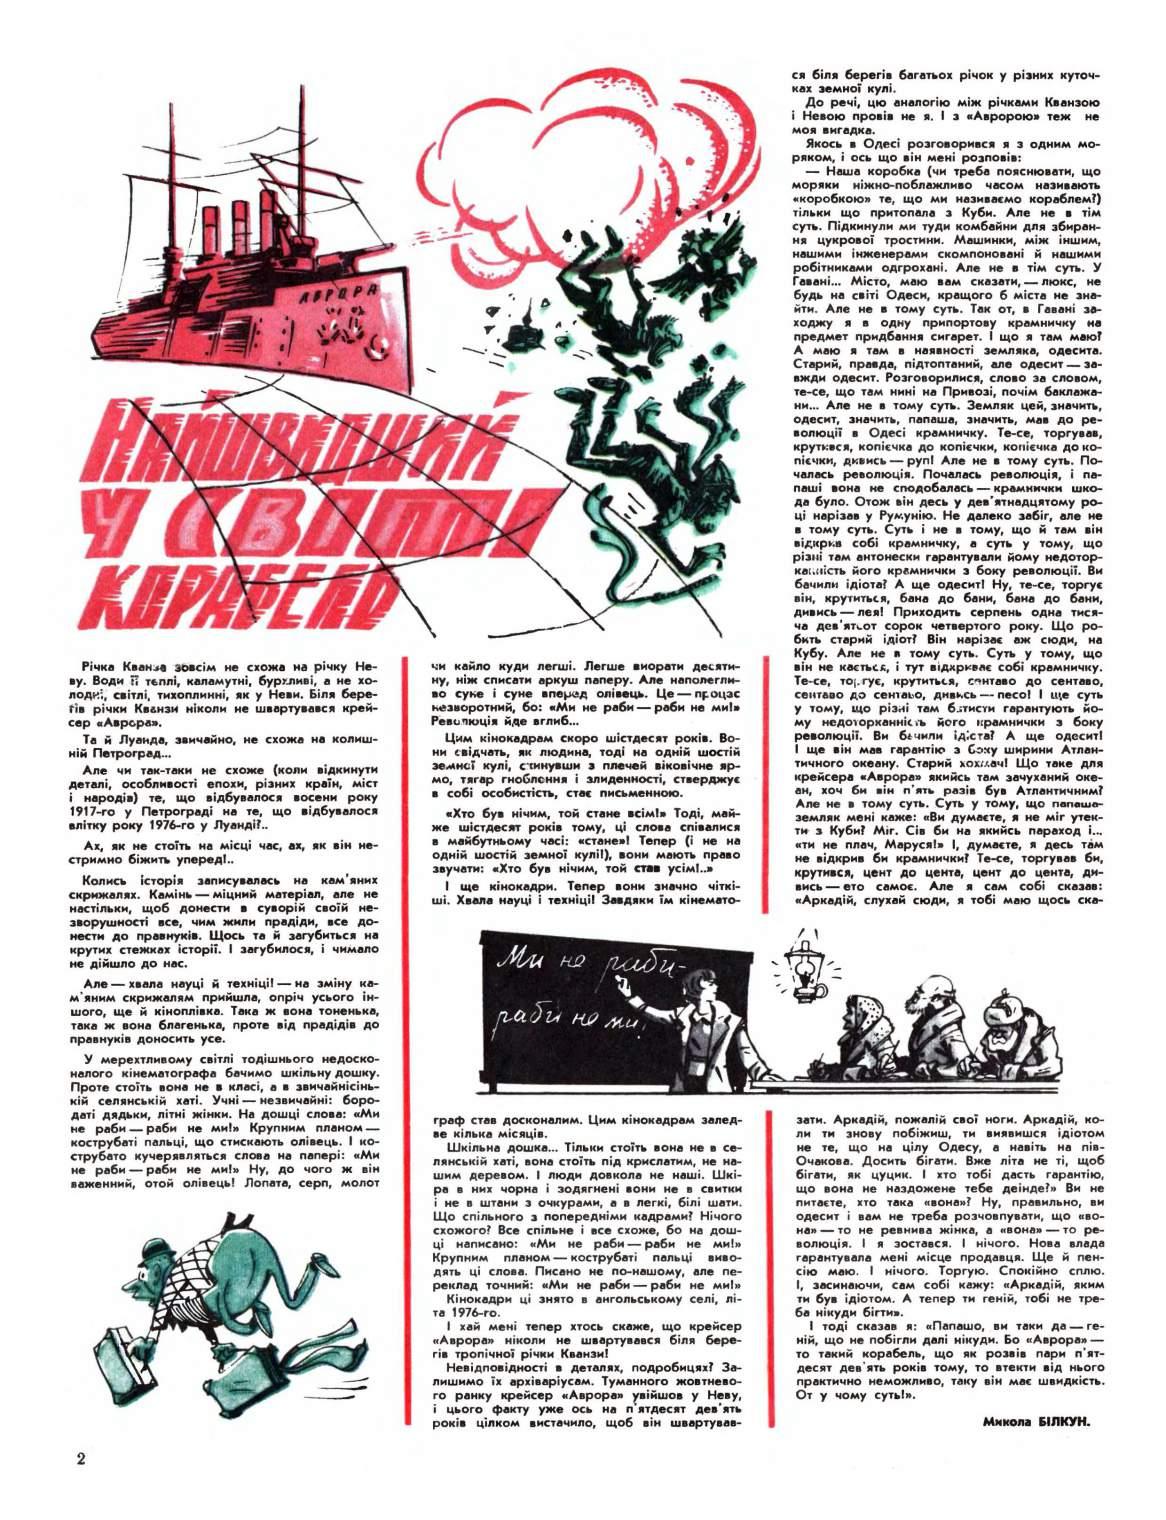 Журнал перець 1976 №20